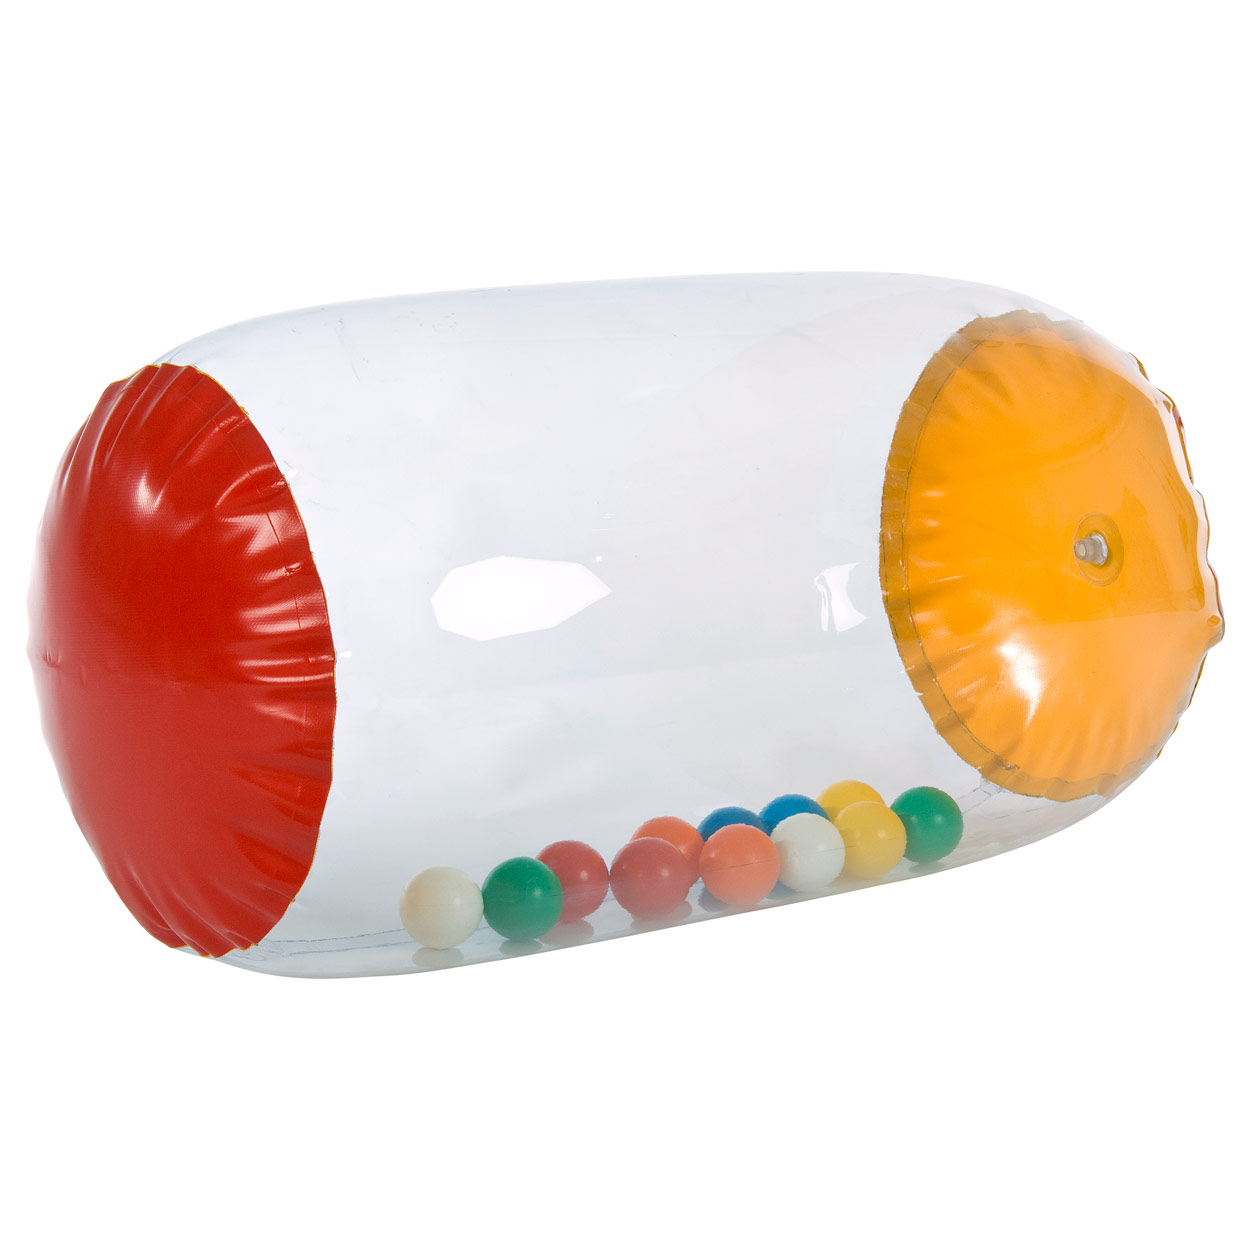 Bälle Therapierolle aufblasbare Spiel Rolle Spielzeug gefüllt mit Bällen